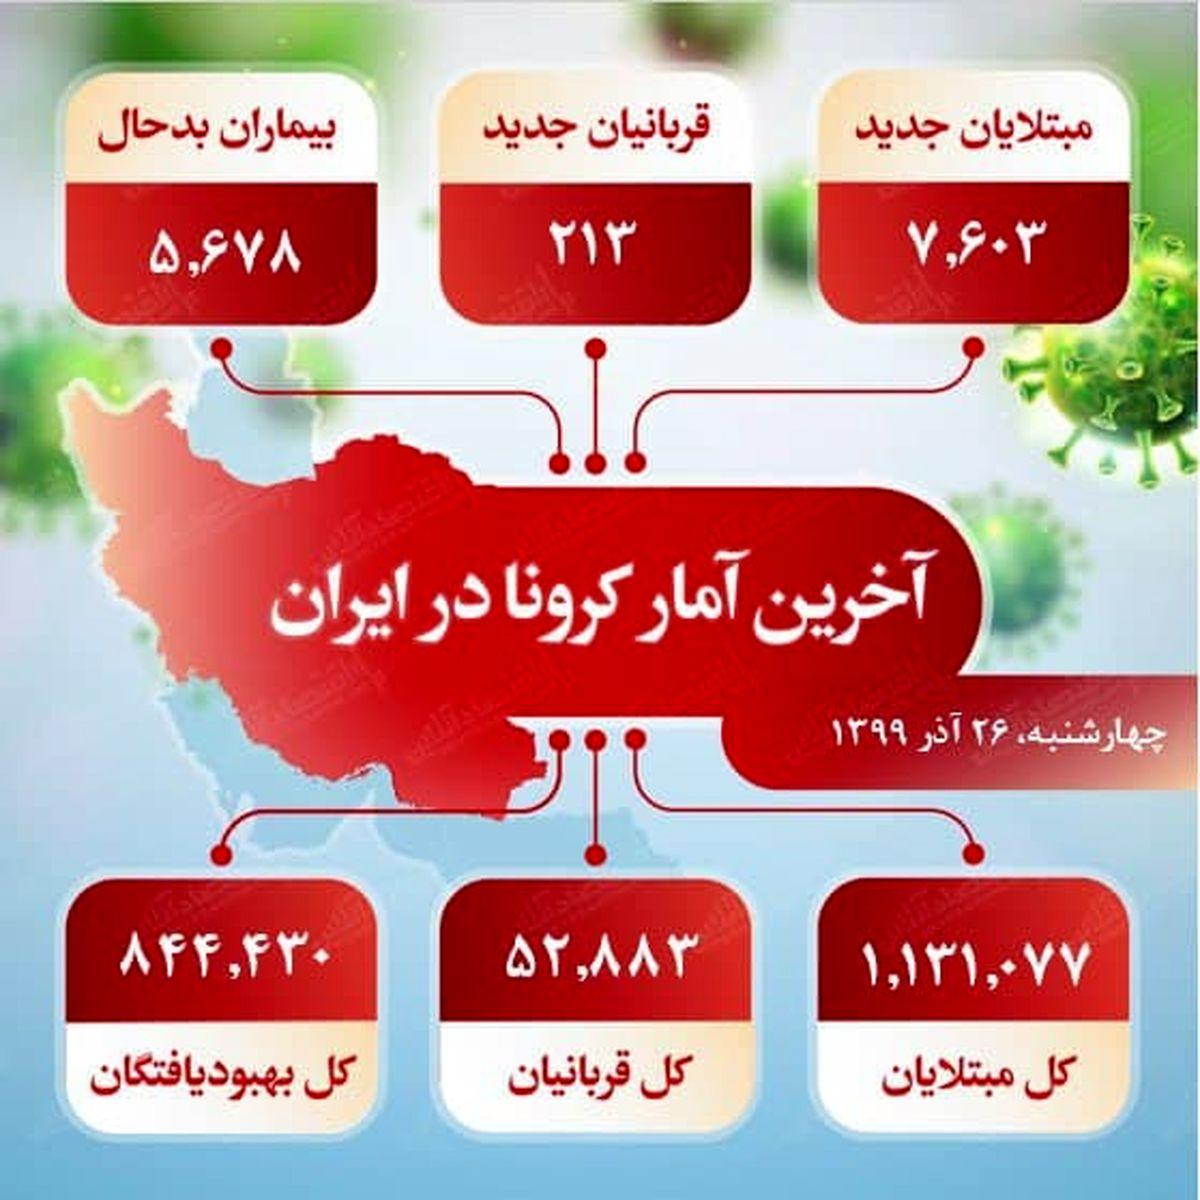 آخرین آمار کرونا در ایران (۹۹/۹/۲۶)